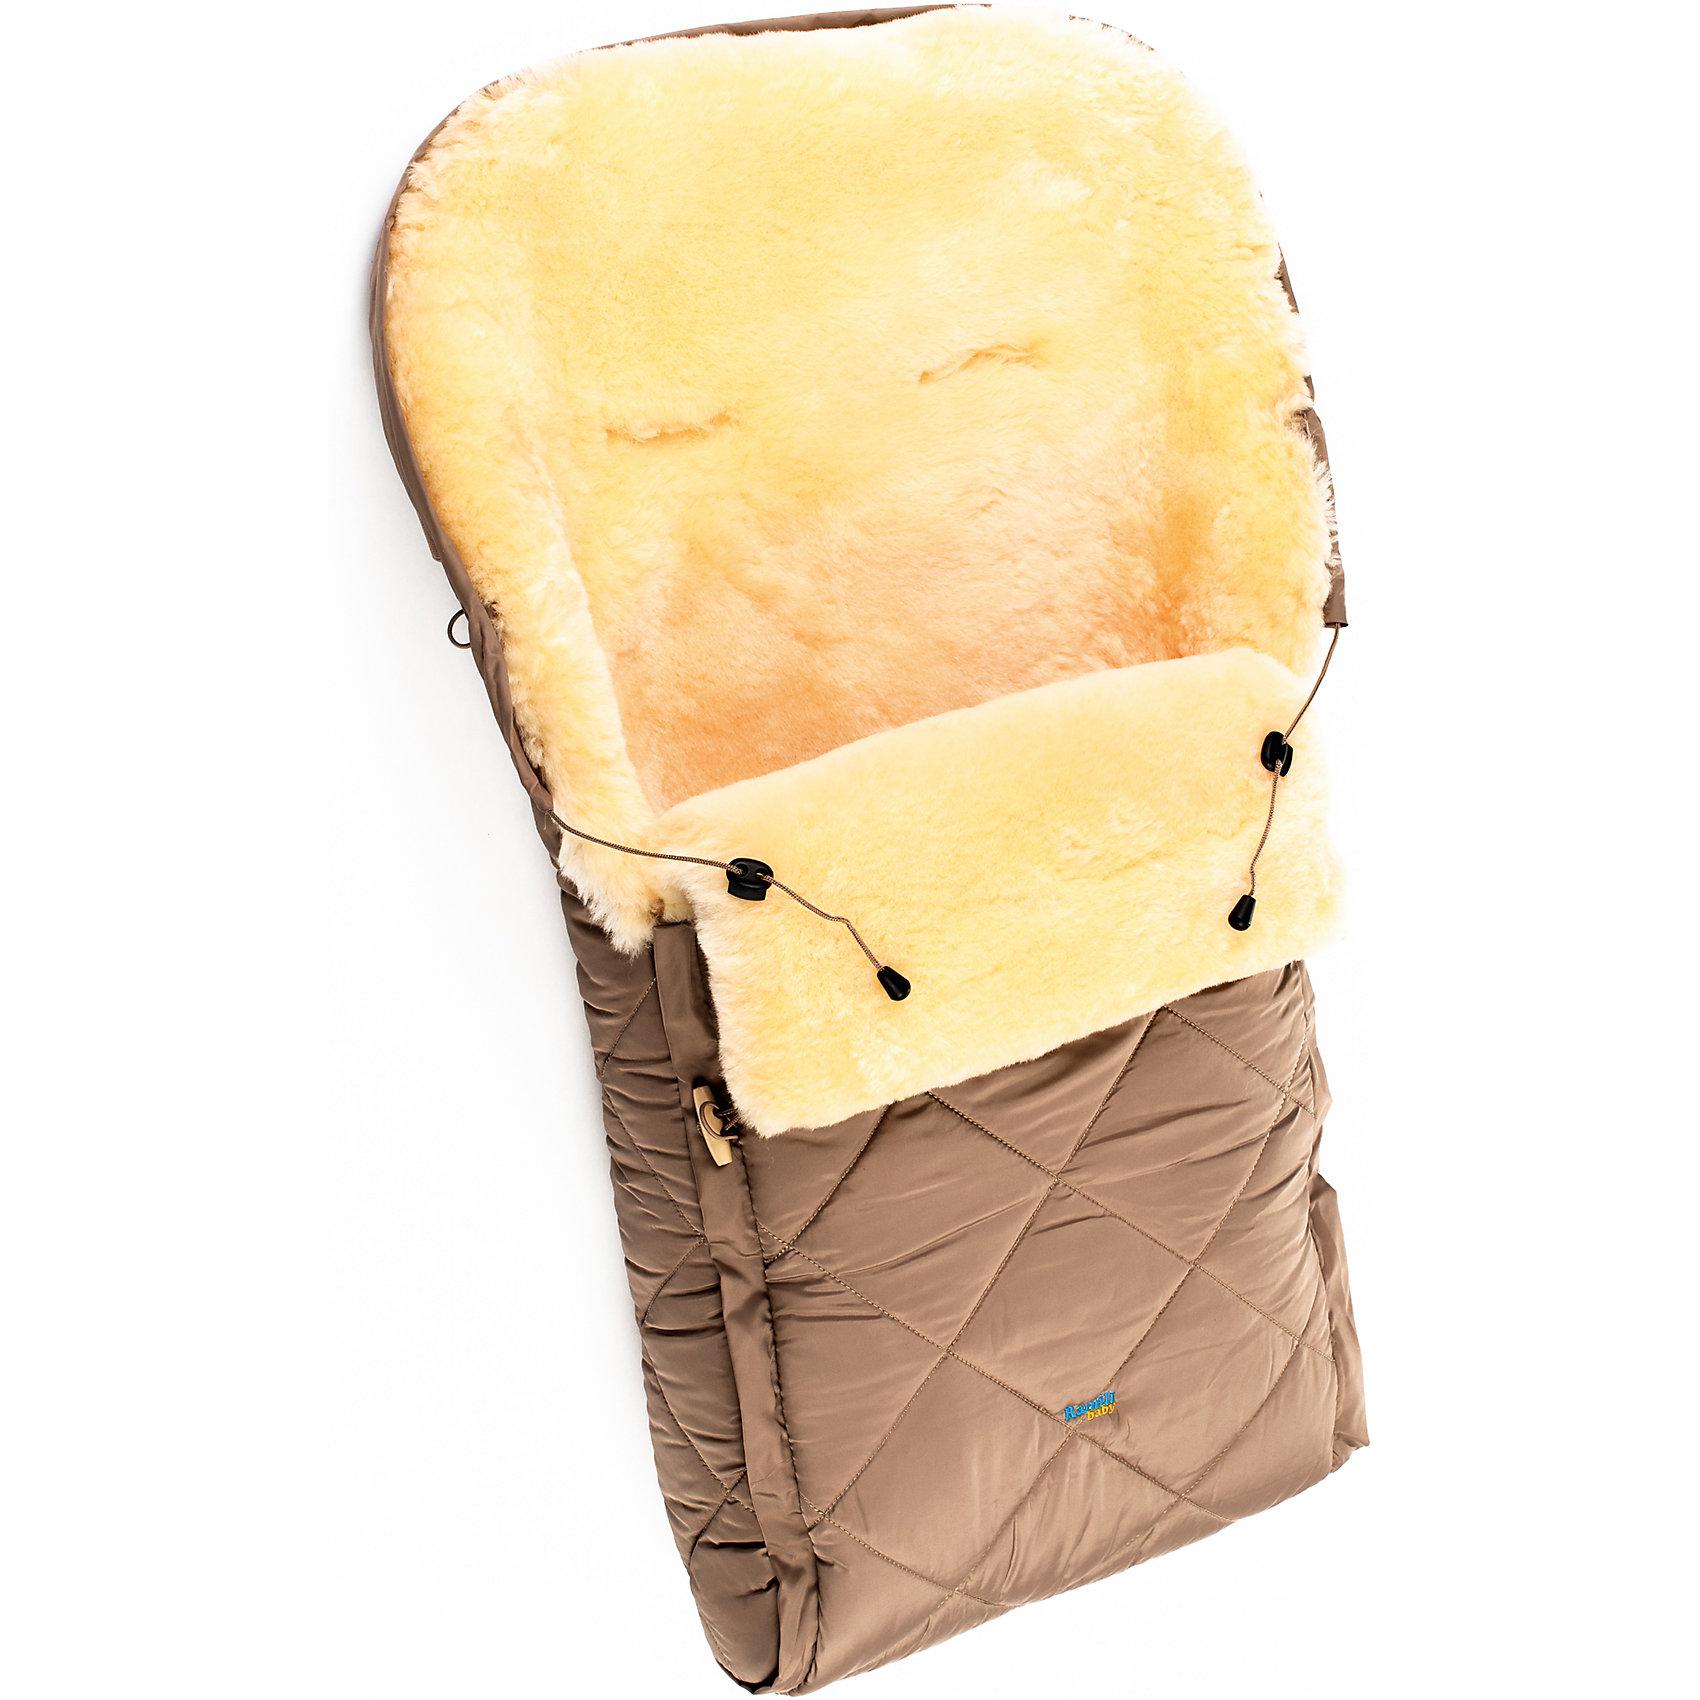 Конверт в коляску натур овчина, Ramili, бежевыйКонверт в коляску натур овчина, Ramili, красный изготовлен по британской технологии с соблюдением всех норм и требований к безопасности для изделий, предназначенных для новорожденных. Верх конверта выполнен из плащевой ткани, которая обеспечивает защиту от ветра и влаги, при этом обладает высокими износоустойчивыми свойствами; внутренняя часть – из натуральной овчины, выделанной по специализированной технологии обработки, при которой не используются красители и химические вещества. При этом при обработке сохраняются свойства натуральной овчины и завиток, который обеспечивает повышенные теплоизоляционные свойства. Изделие обладает высокими гипоаллергенными свойствами. Конверт удобен в использовании: сбоку имеется молния,егивании которой, конверт делится на две части, это позволяет его использовать и как коврик в санки или на пол для игр ребенка; Сверху предусмотрена стяжка, благодаря которой верхняя часть стягивается в капюшон. Конверт выполнен в ярком цвете, что позволит его использовать для выписки в зимнее время.<br>Конверт в коляску натур овчина, Ramili, красный – это качественные, комфортные и многофункциональные изделия для самых маленьких!<br><br>Характеристики:<br>Сезон: зима<br>Cостав: верх конверта – полиэстер, меховой подклад – овчина, 100%<br>Размеры конверта (Д*Ш): 95*45 см<br>Верх стягивается в капюшон<br>Наличие застежки-молнии<br>Предусмотрены прорези для ремней безопасности<br>Трансформируется в коврик<br>Уход: машинная стирка при температуре не более 40 градусов<br><br>Конверт в коляску натур овчина, Ramili, красный можно купить в нашем интернет-магазине.<br><br>Ширина мм: 900<br>Глубина мм: 600<br>Высота мм: 200<br>Вес г: 1000<br>Цвет: бежевый<br>Возраст от месяцев: 0<br>Возраст до месяцев: 12<br>Пол: Унисекс<br>Возраст: Детский<br>SKU: 4980604